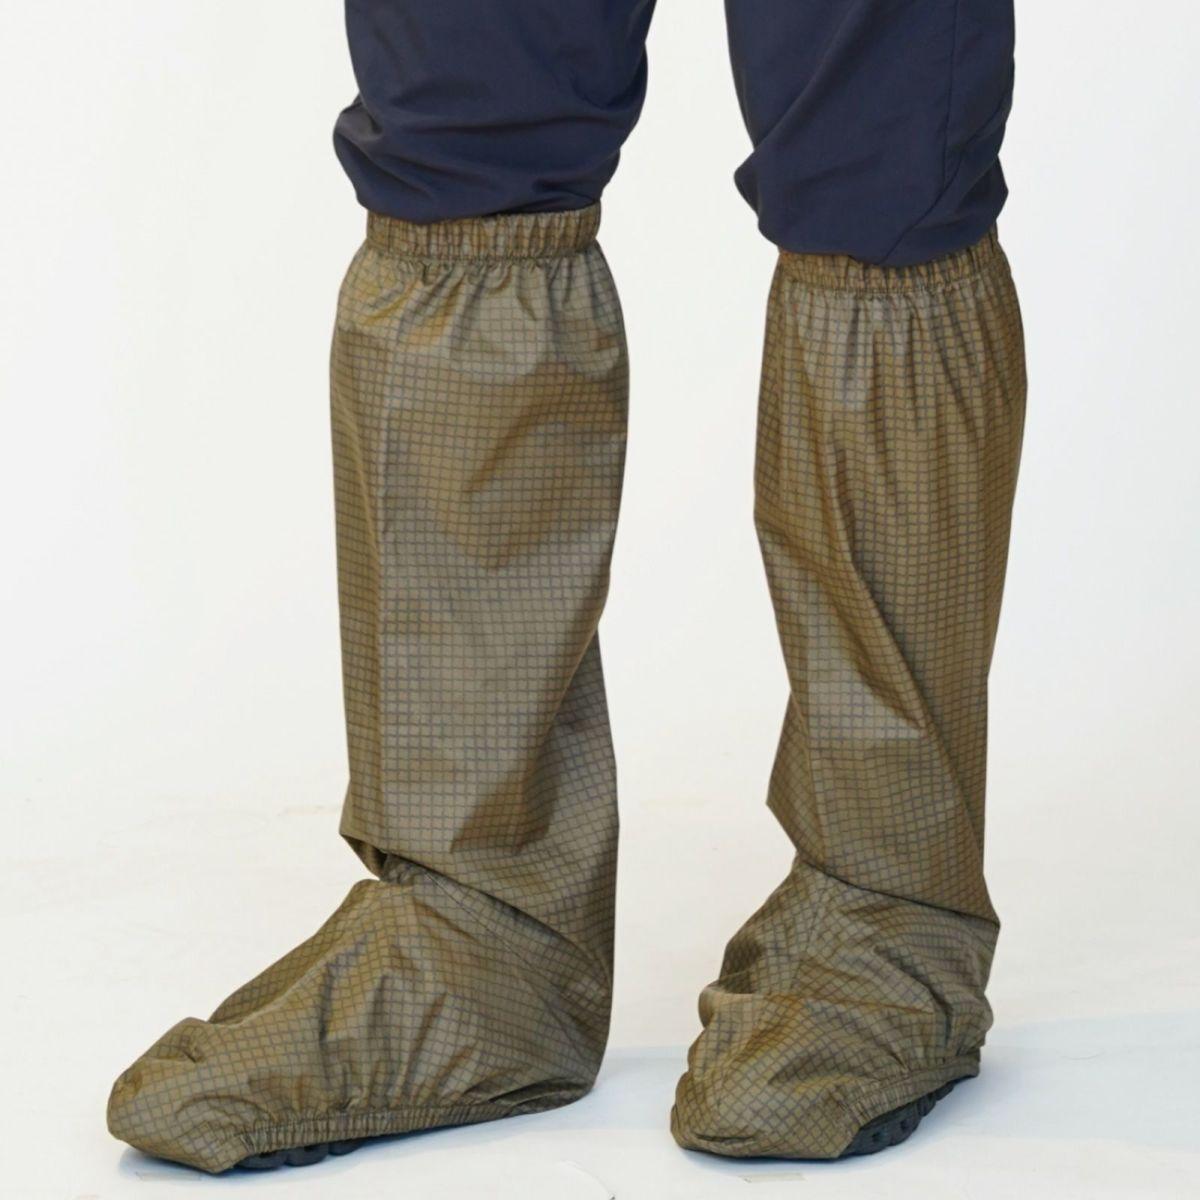 着用イメージ マッシュルーム [着用モデルのサイズ]身長:177cm 着用サイズ:L